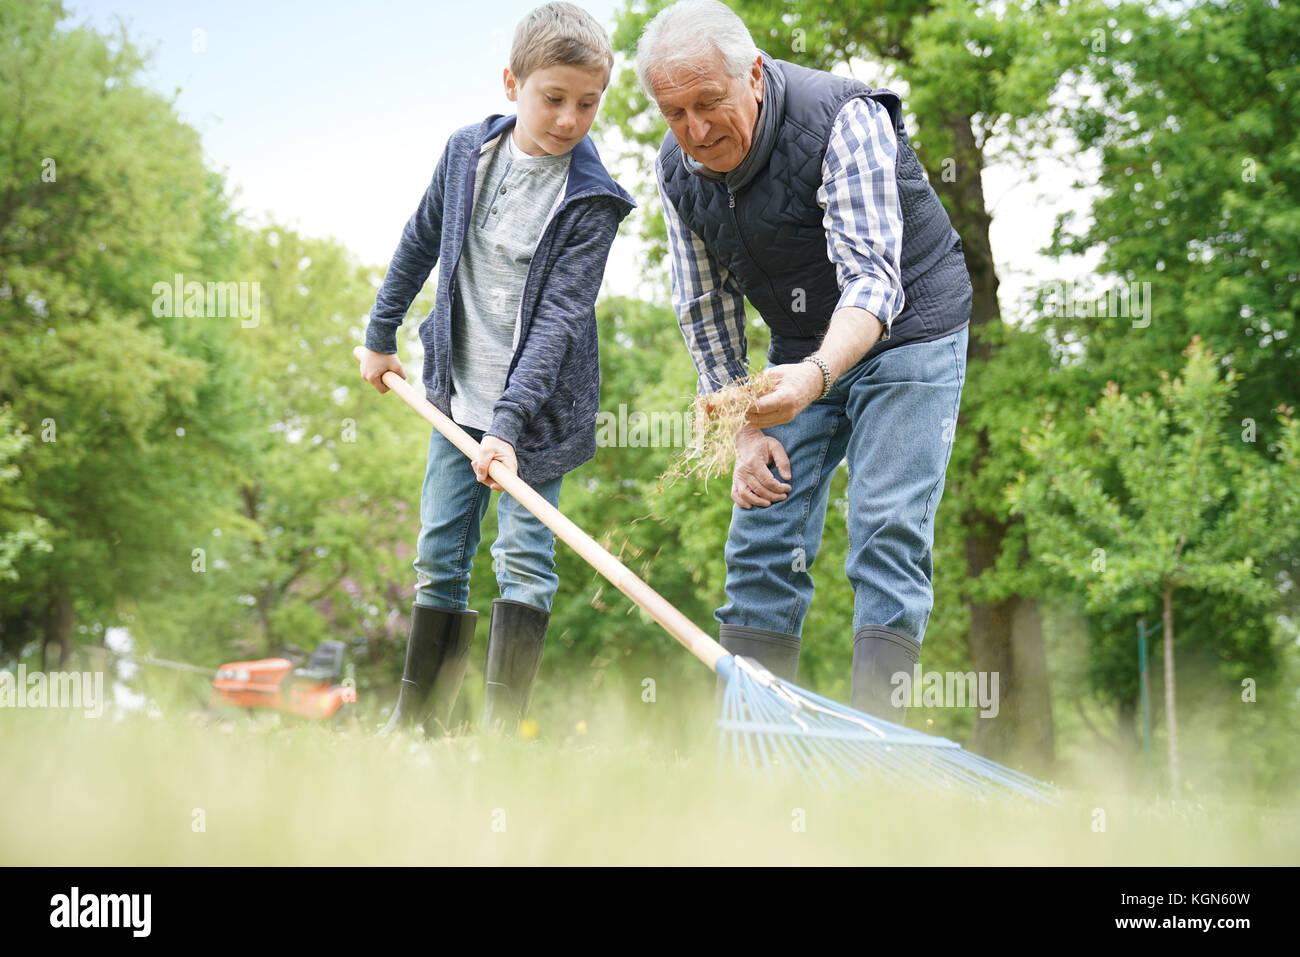 Nonno con pulizia grandkid giardino con rastrello Immagini Stock